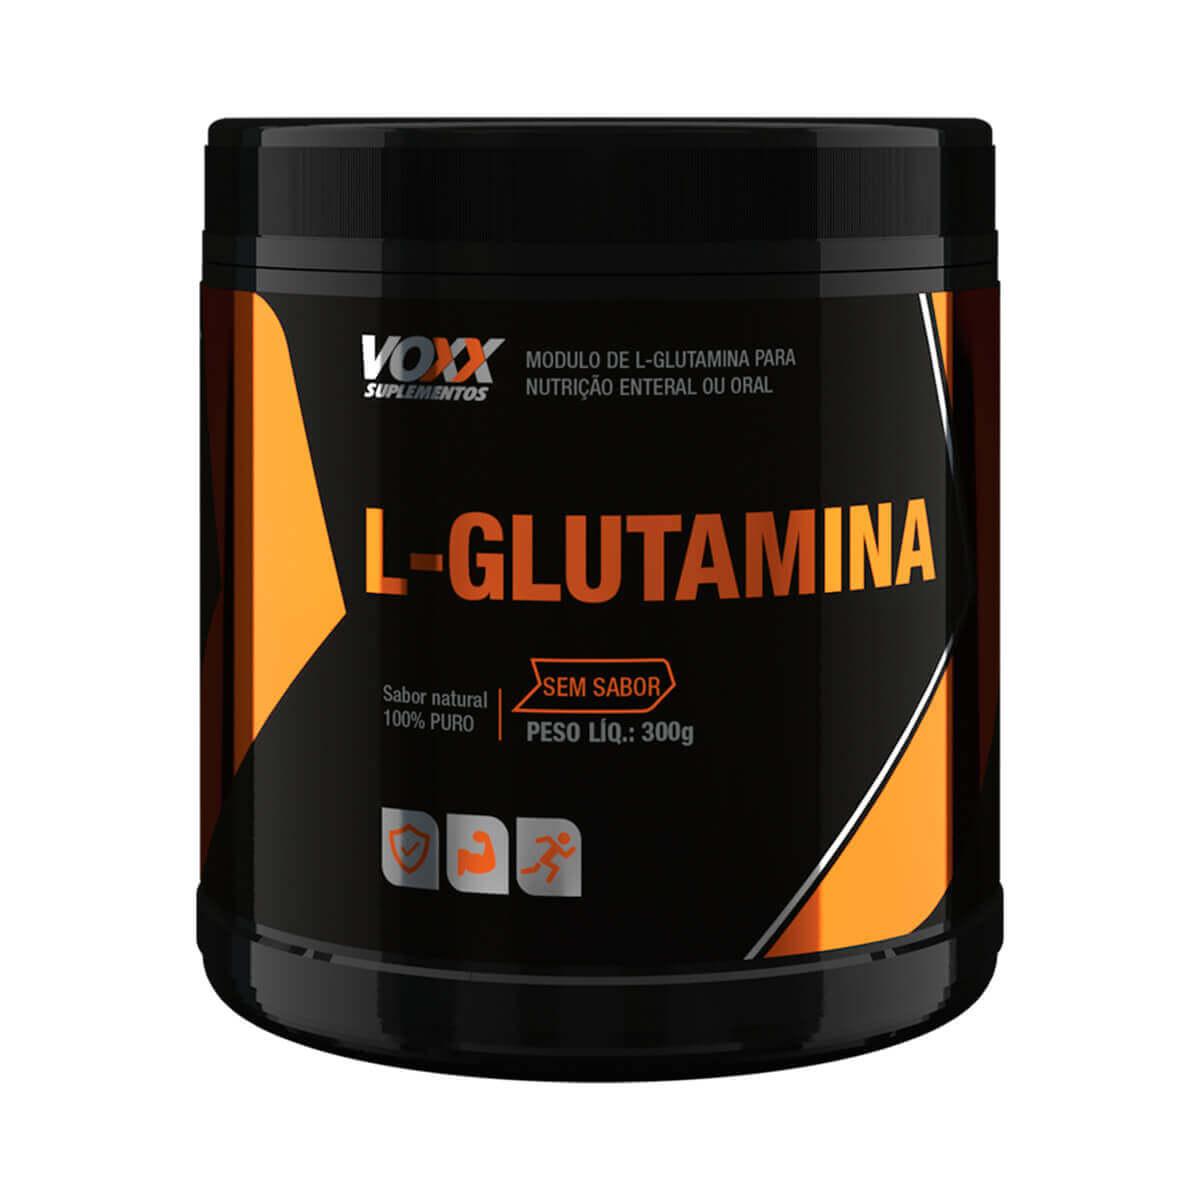 L-Glutamina Voxx Suplementos - 300g